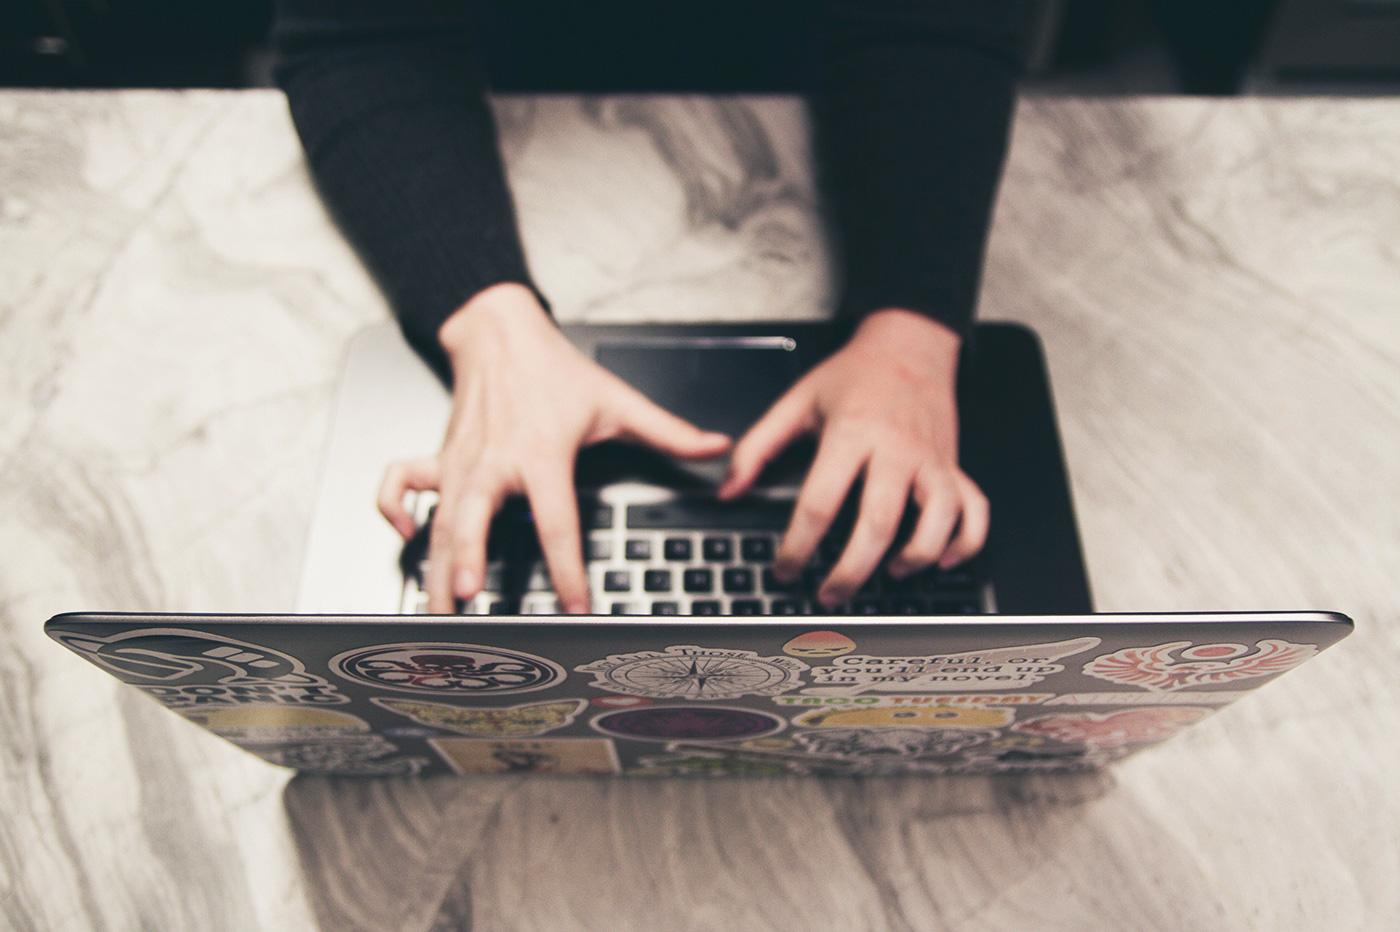 hackers faille sécurité